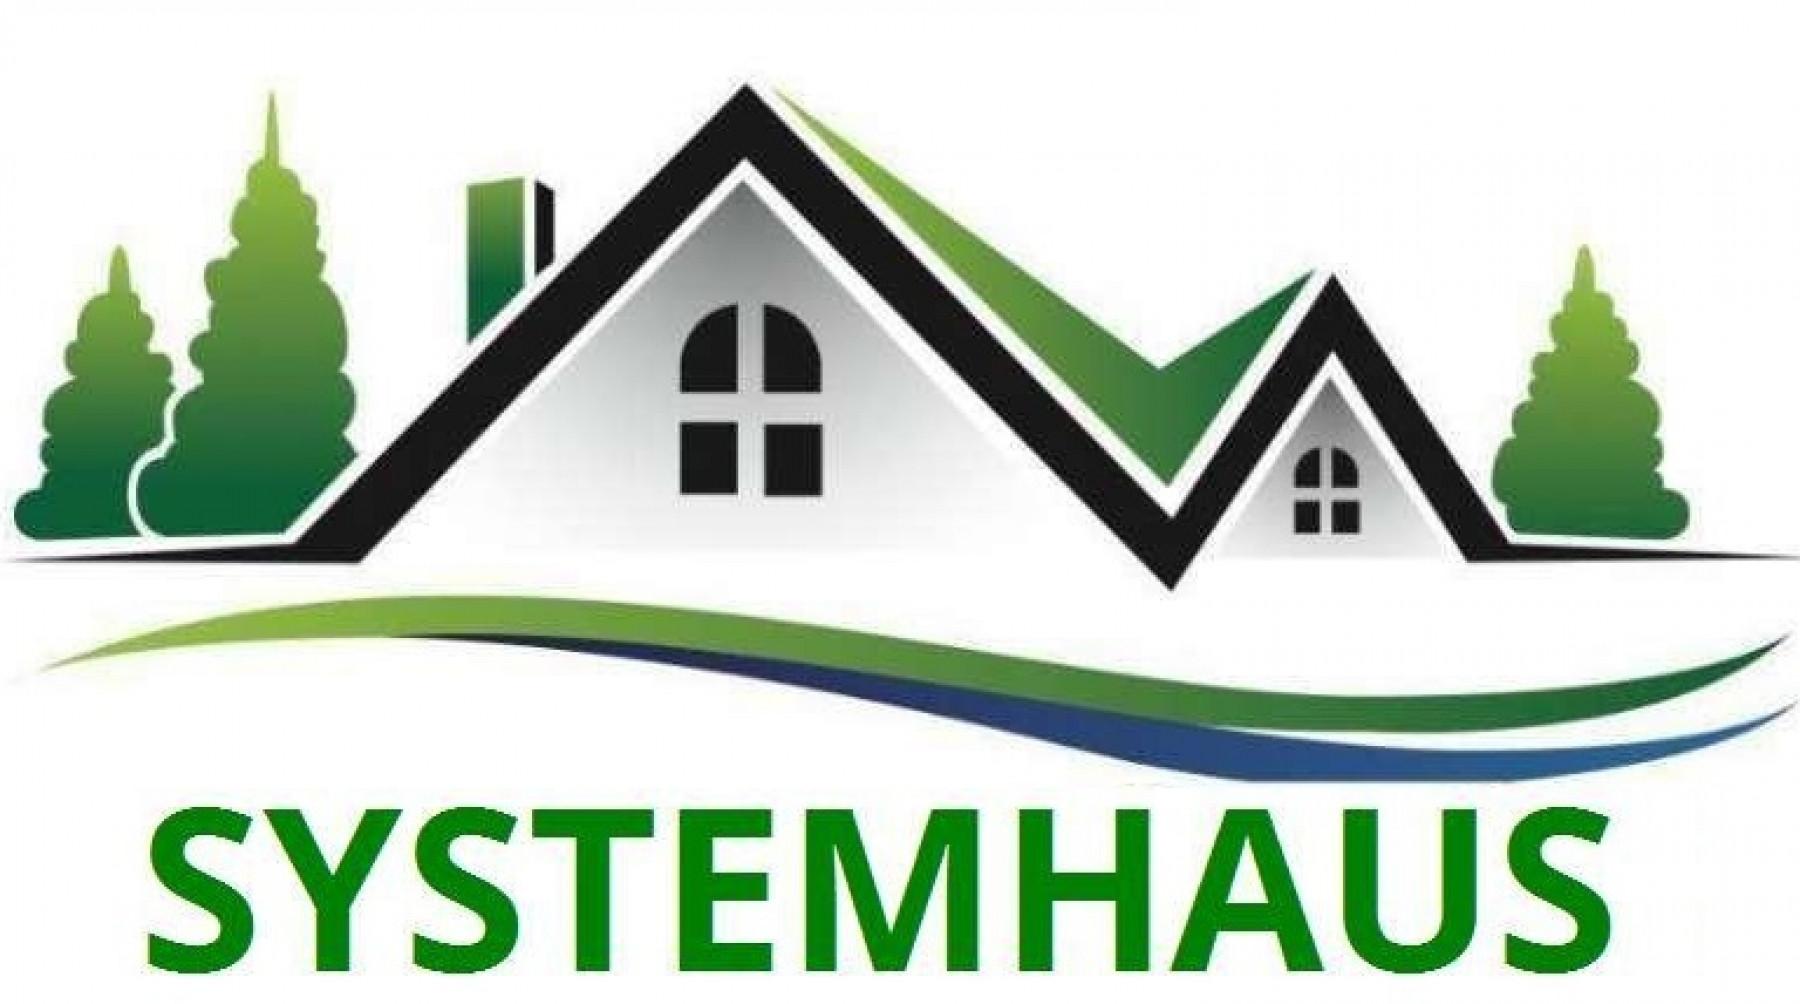 Bild Logo von: SYSTEMHAUS-HAUSVERTRIEB